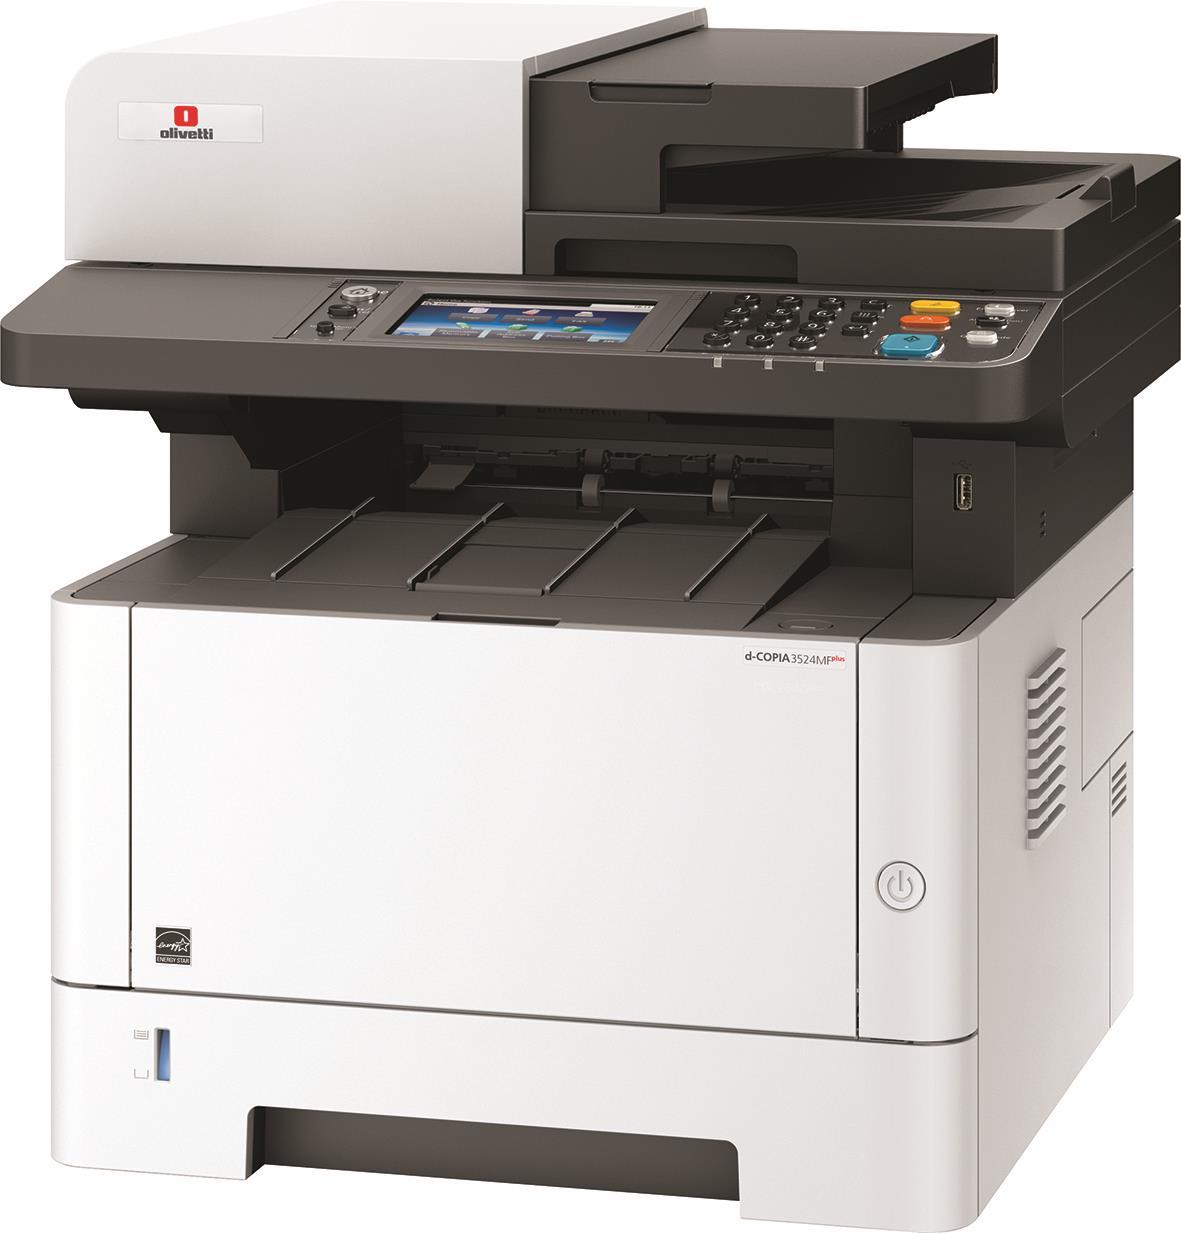 מדפסת משולבת אלחוטית לייזר Olivetti d-Copia 3524MF plus